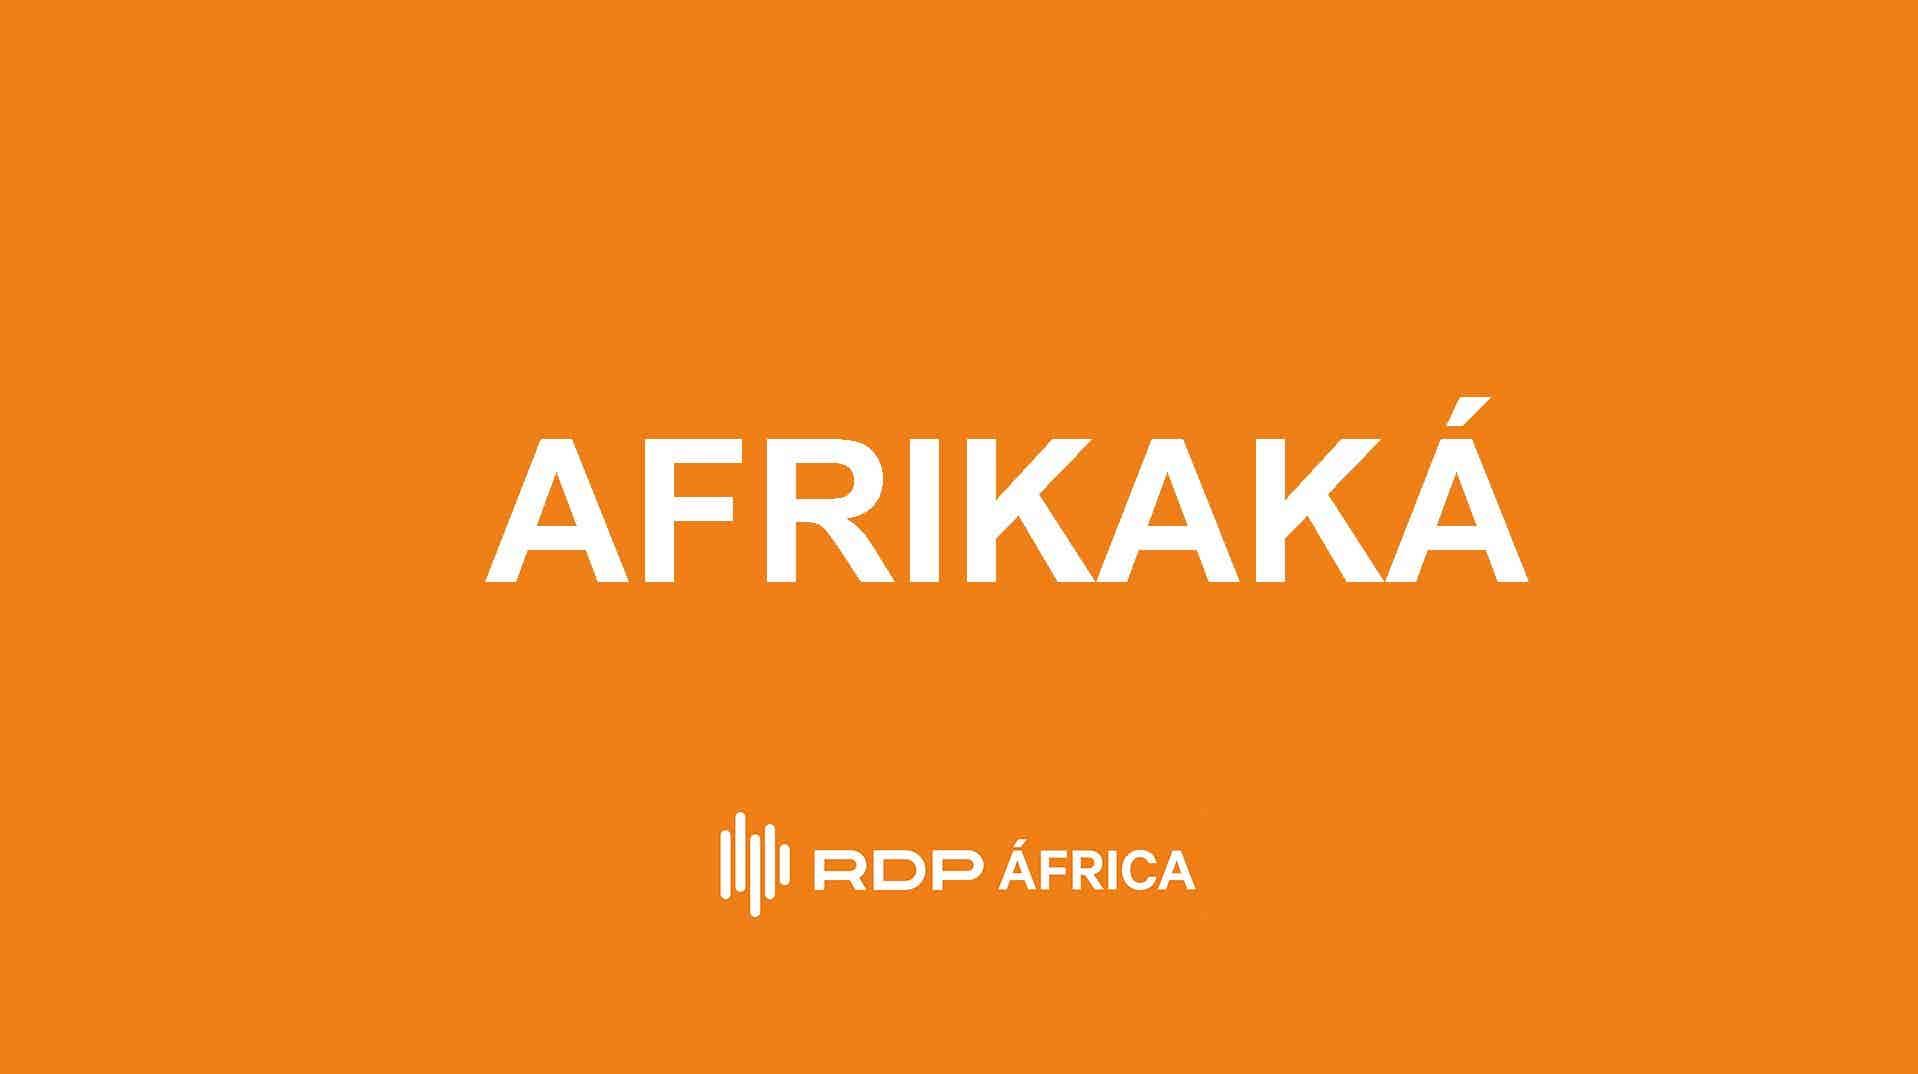 Afrikaká